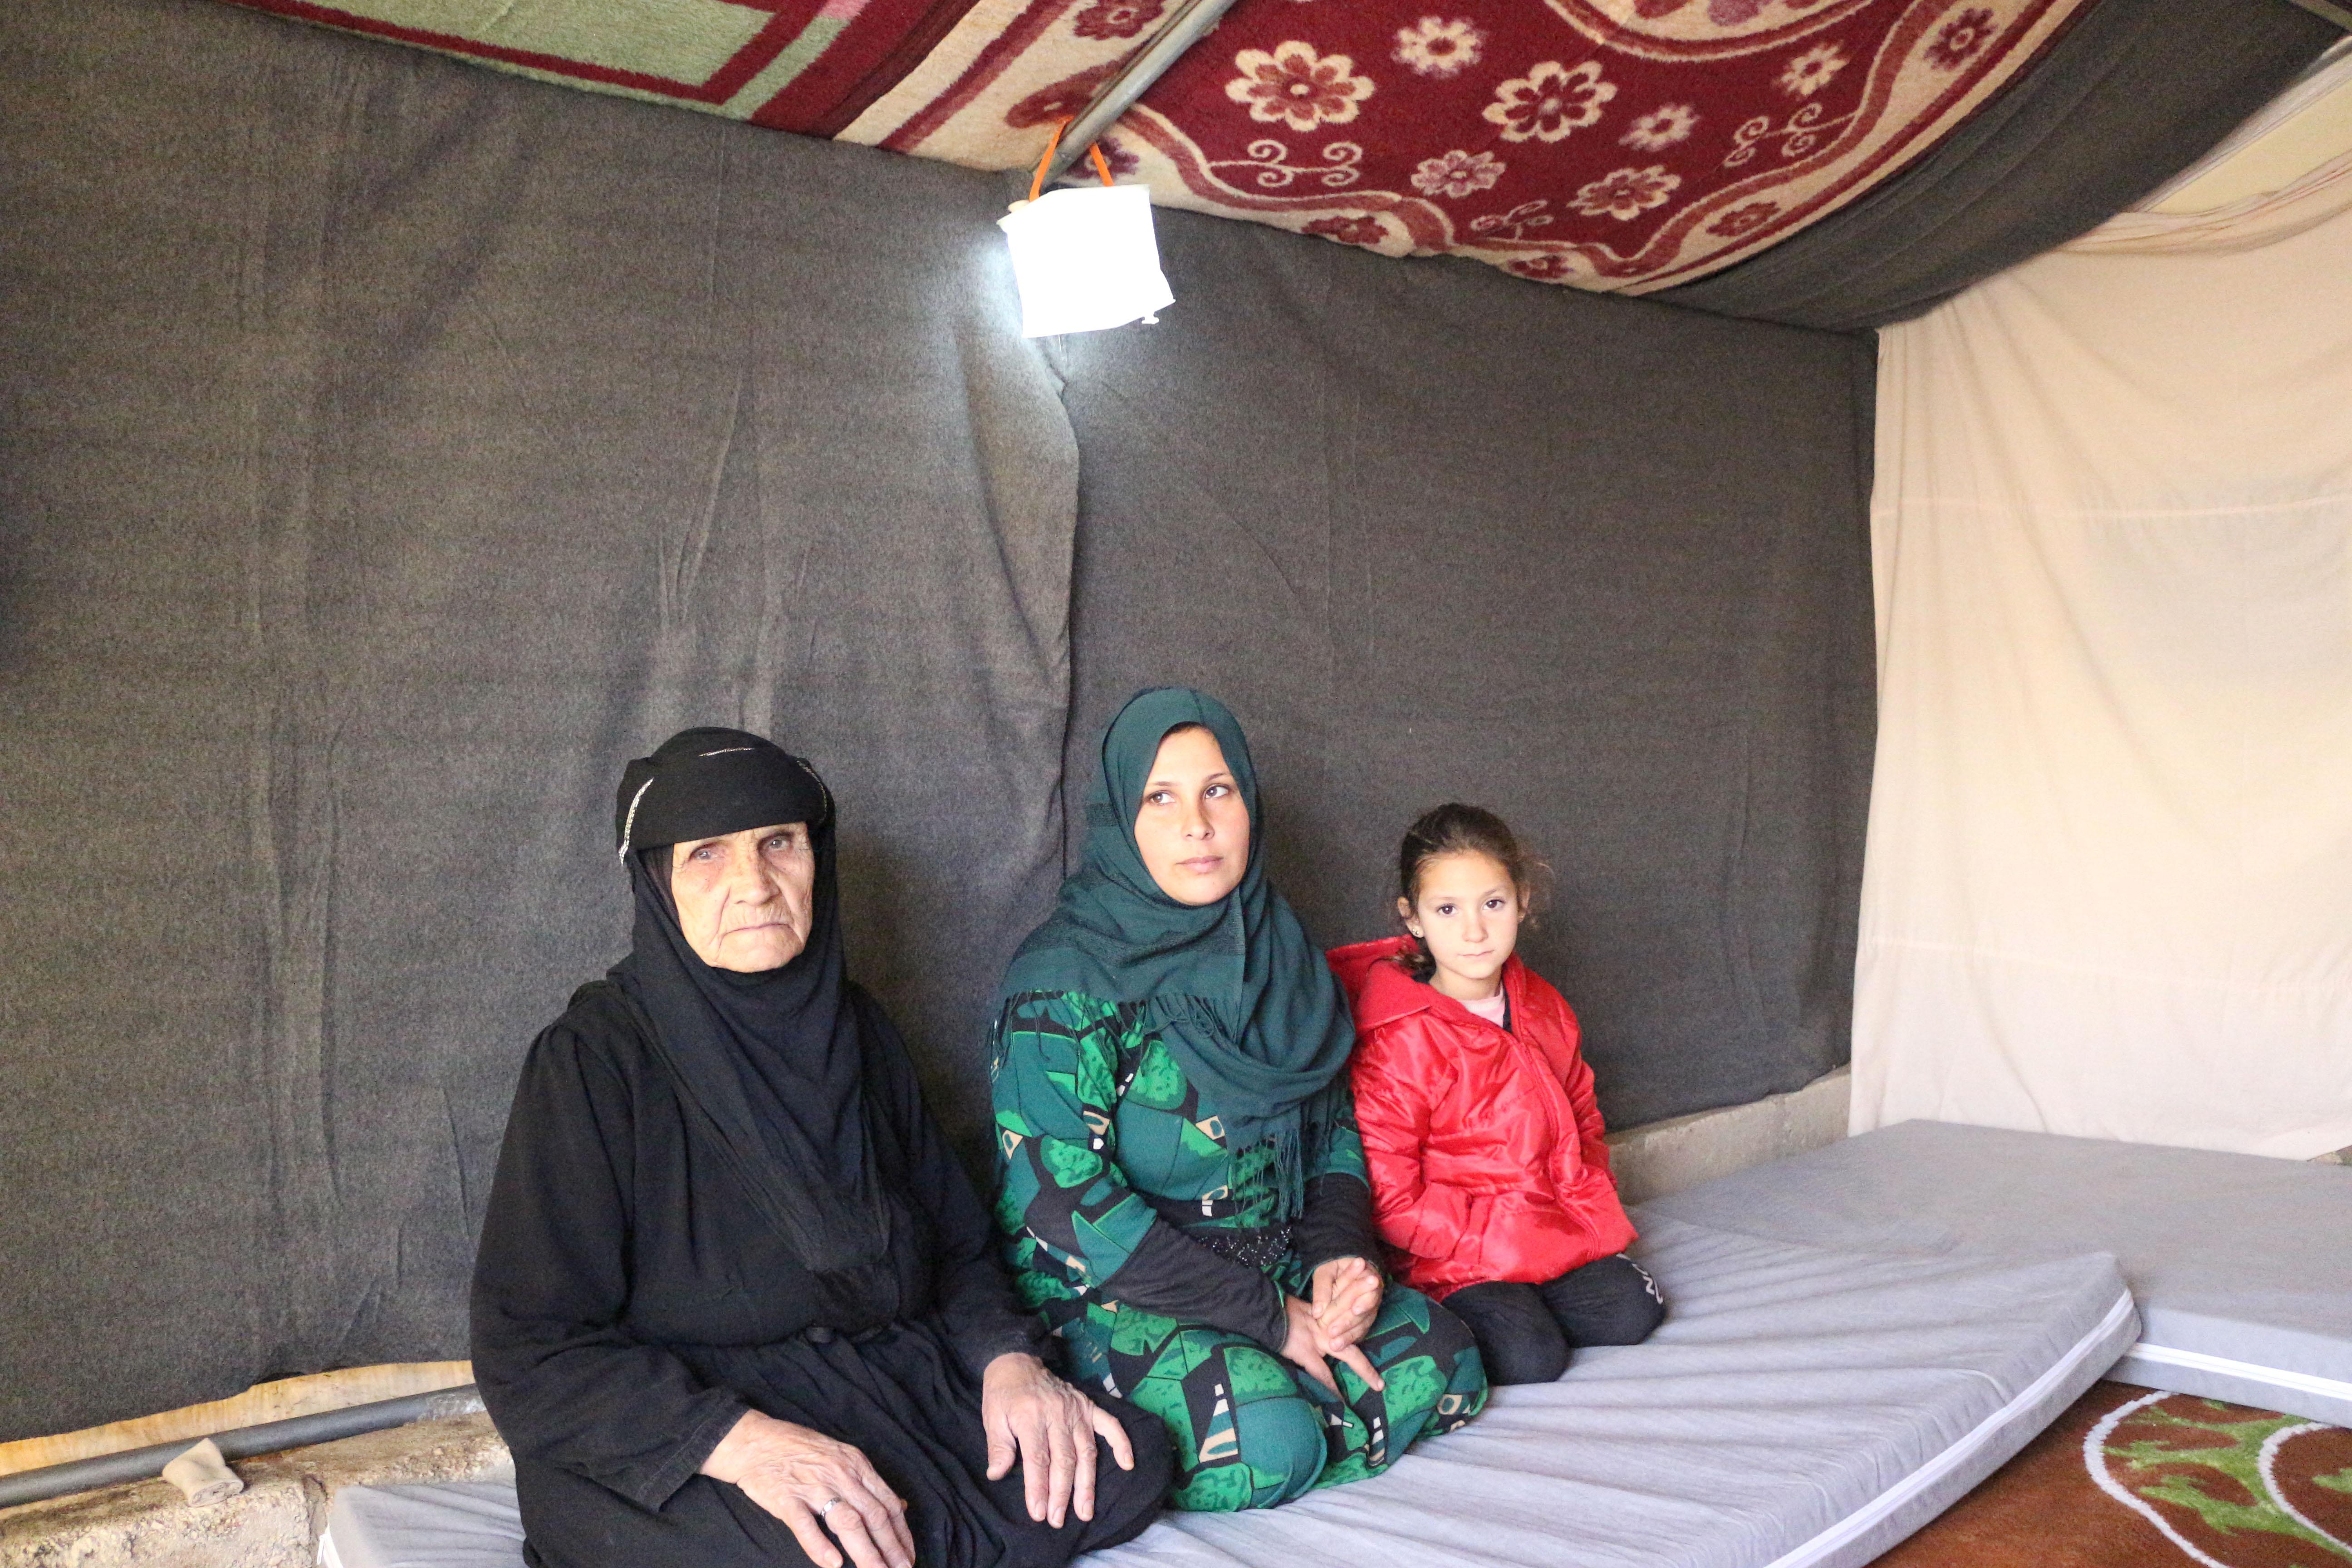 Samira, Fatima, and her grandmother